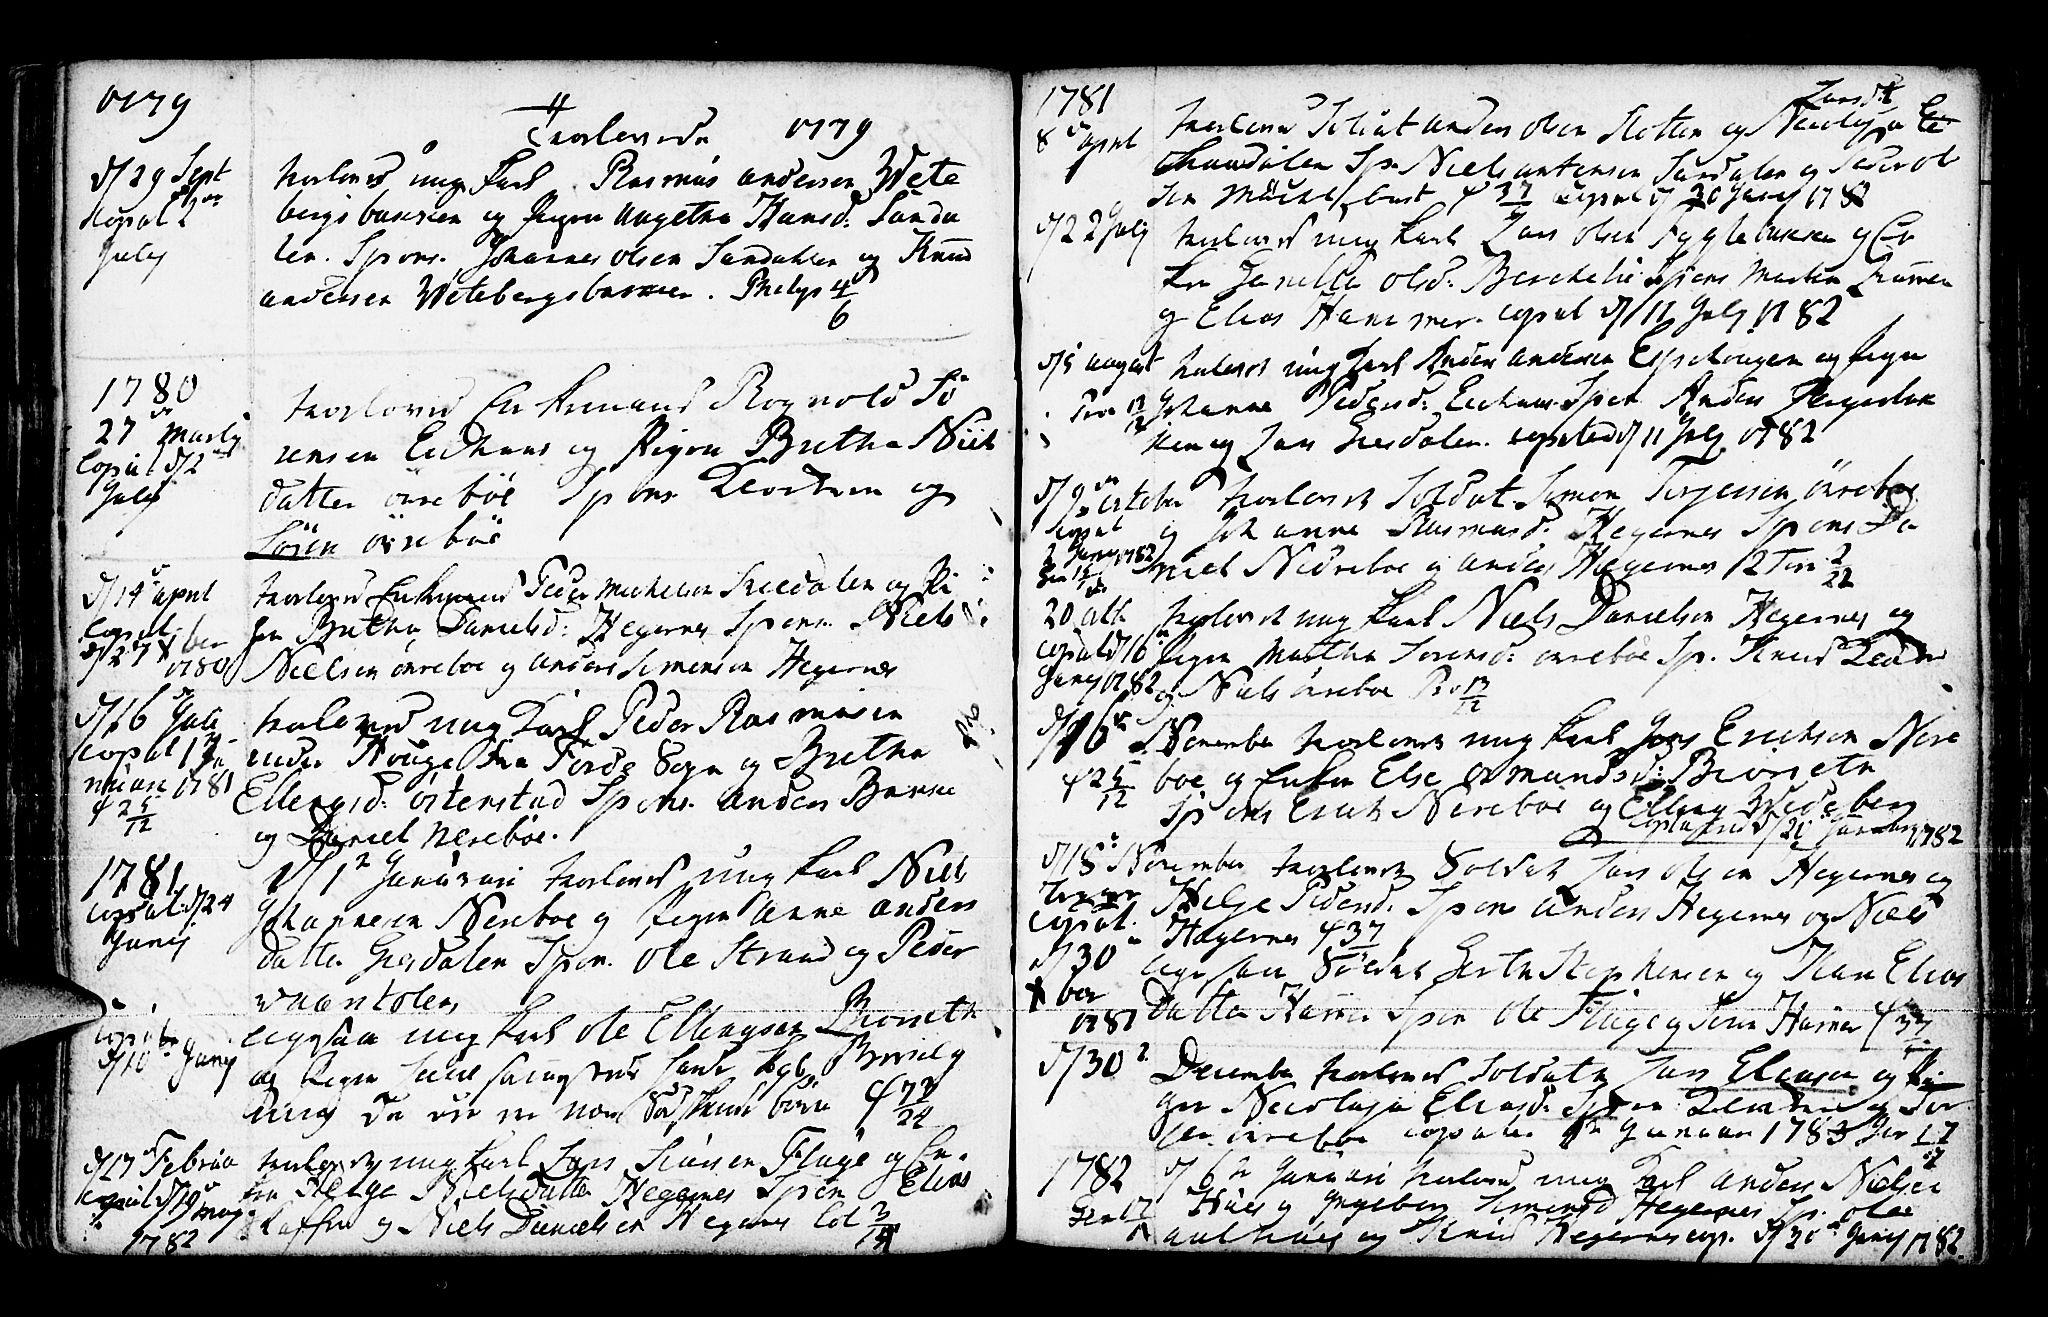 SAB, Jølster Sokneprestembete, Ministerialbok nr. A 3, 1748-1789, s. 185